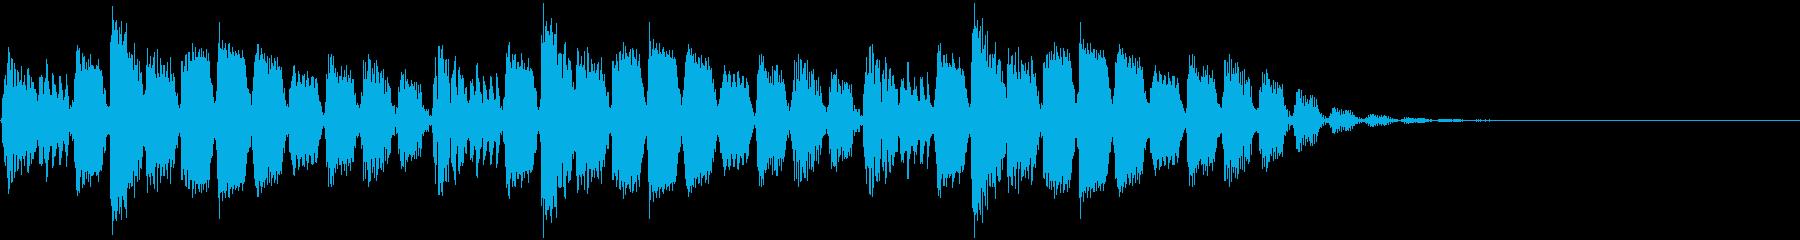 前衛的・抽象的・近未来・ジングル5の再生済みの波形